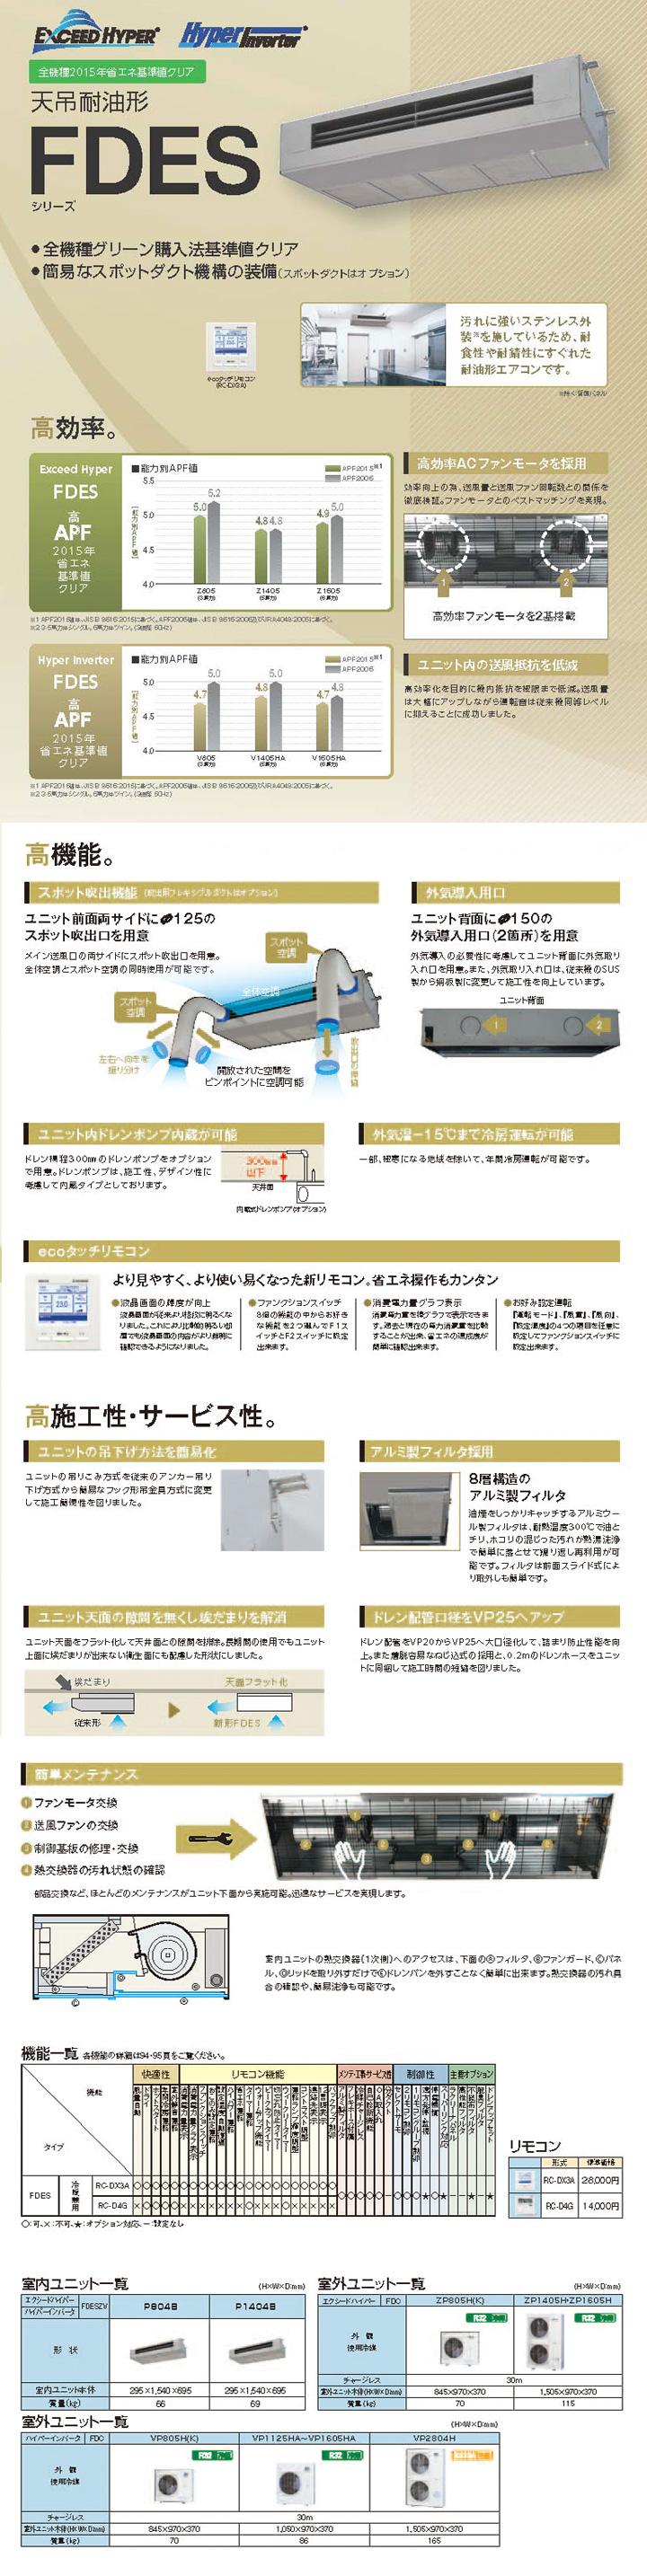 三菱重工 FDESV1605HPA4B 業務用エアコン